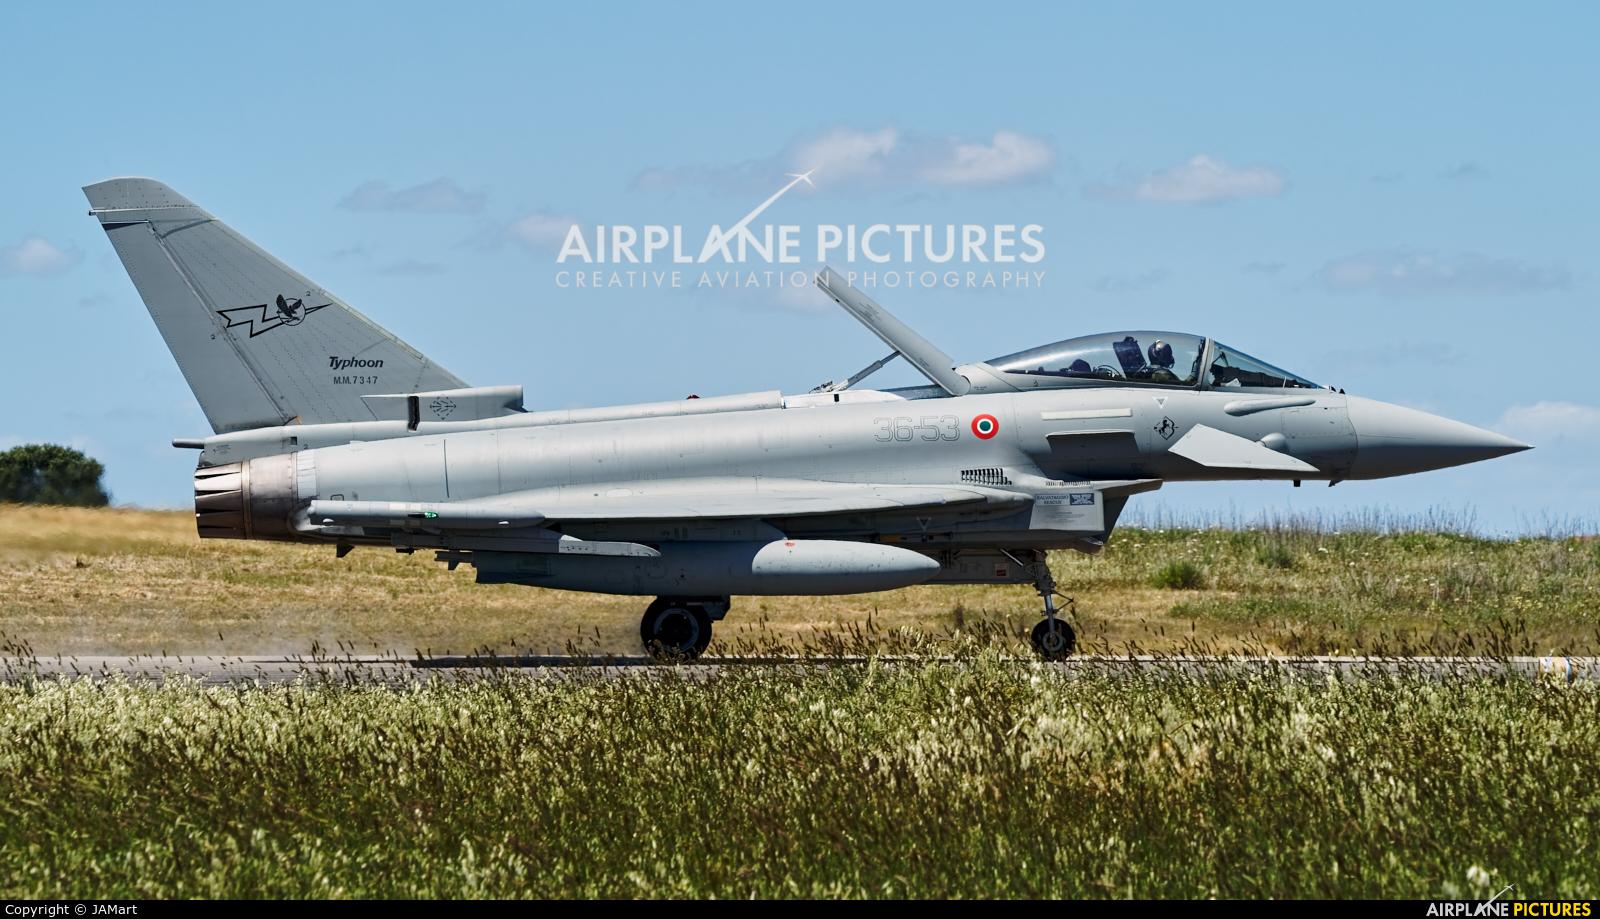 Italy - Air Force MM7347 aircraft at Beja AB